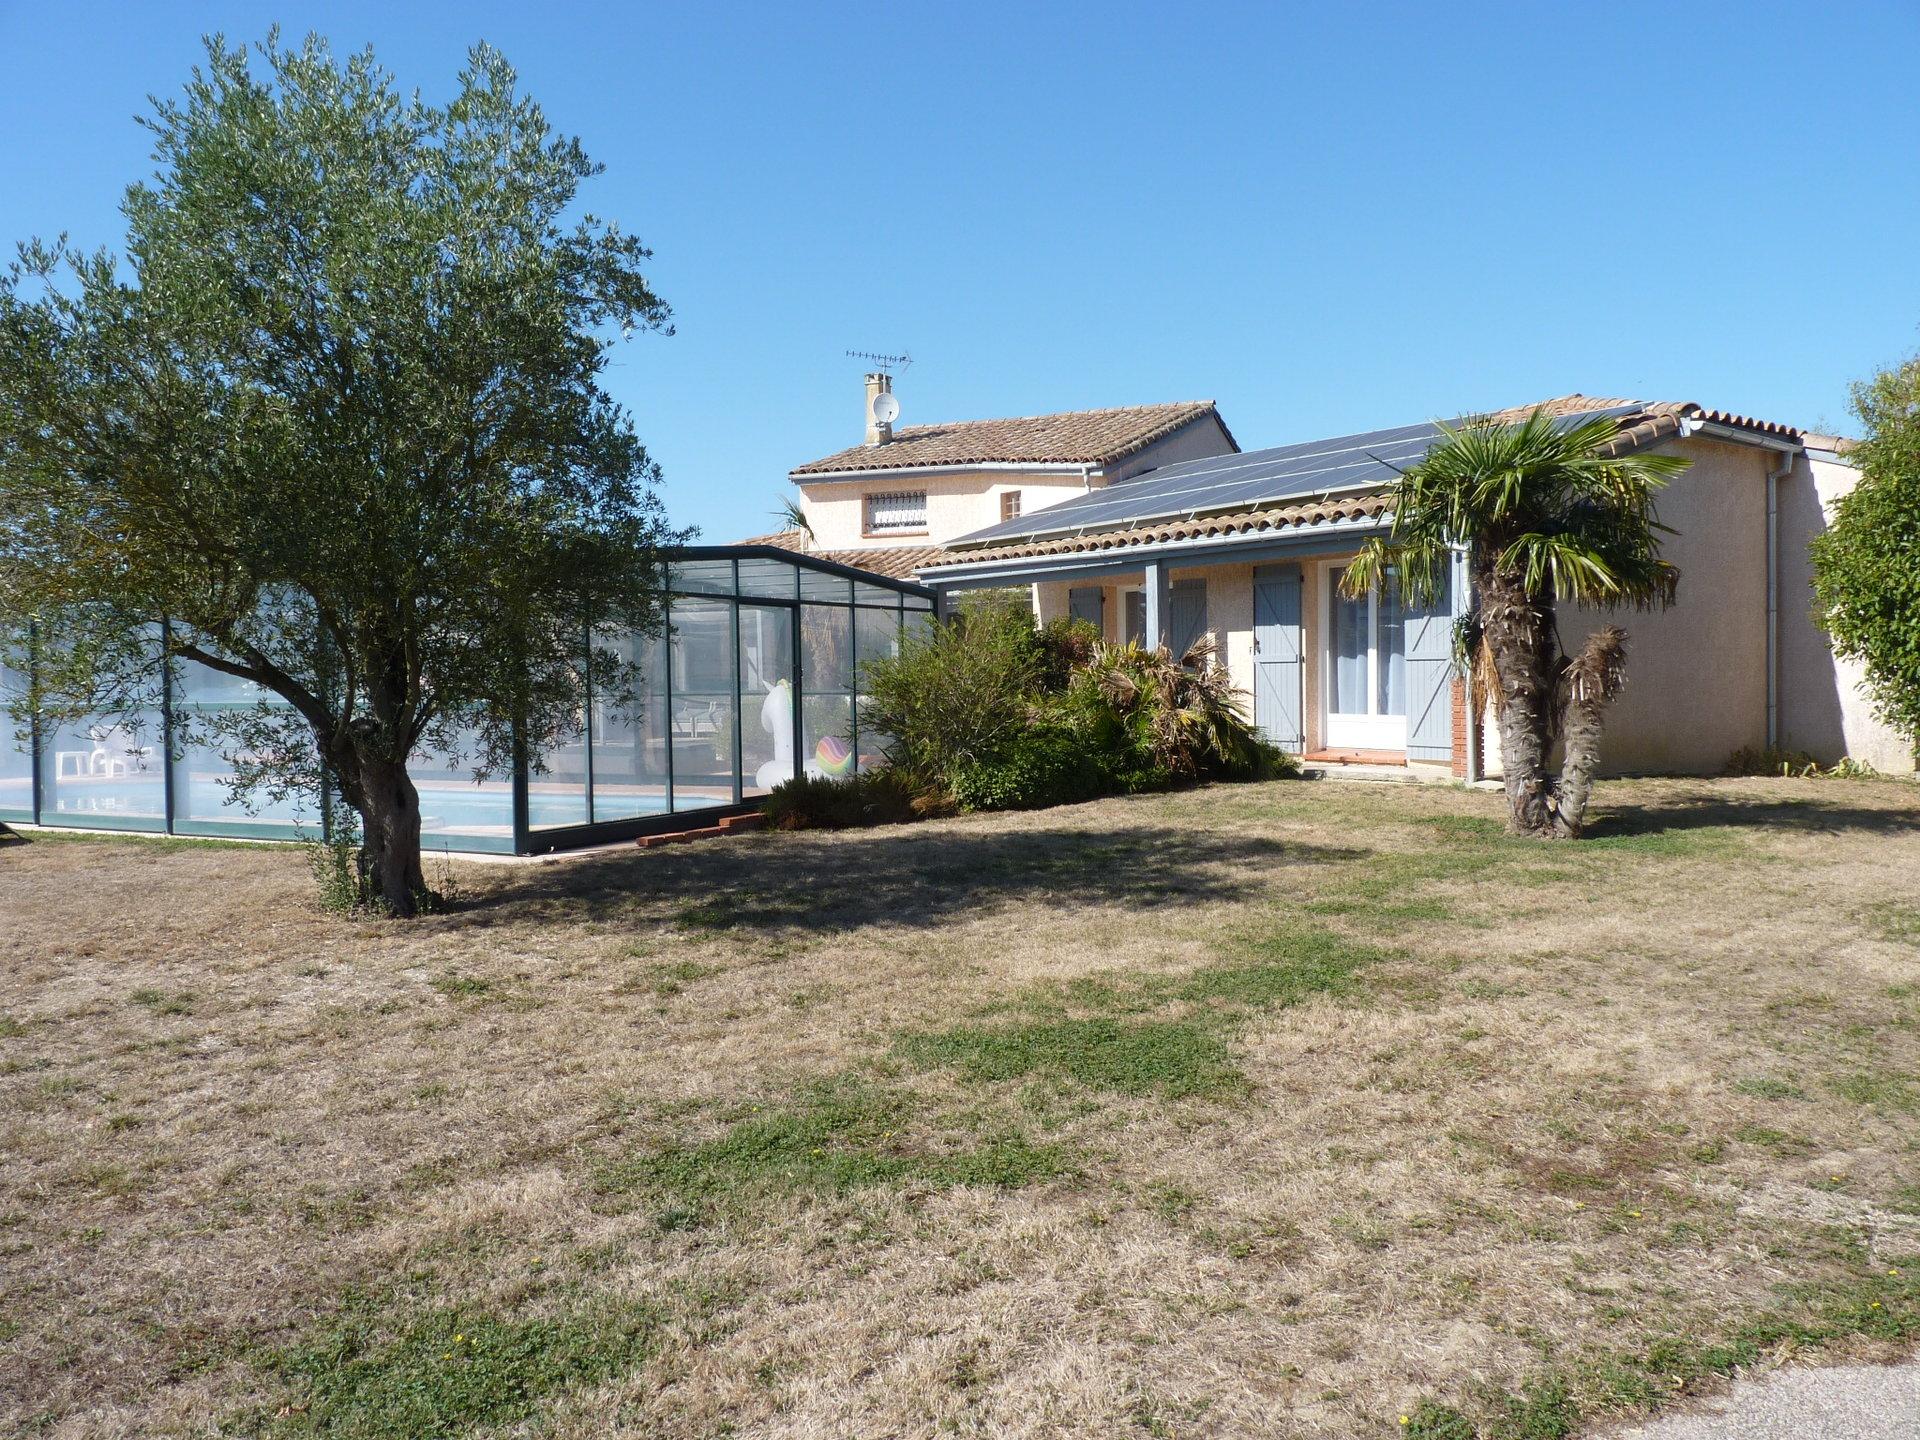 Proche de St Hilaire, belle maison contemporaine avec piscine